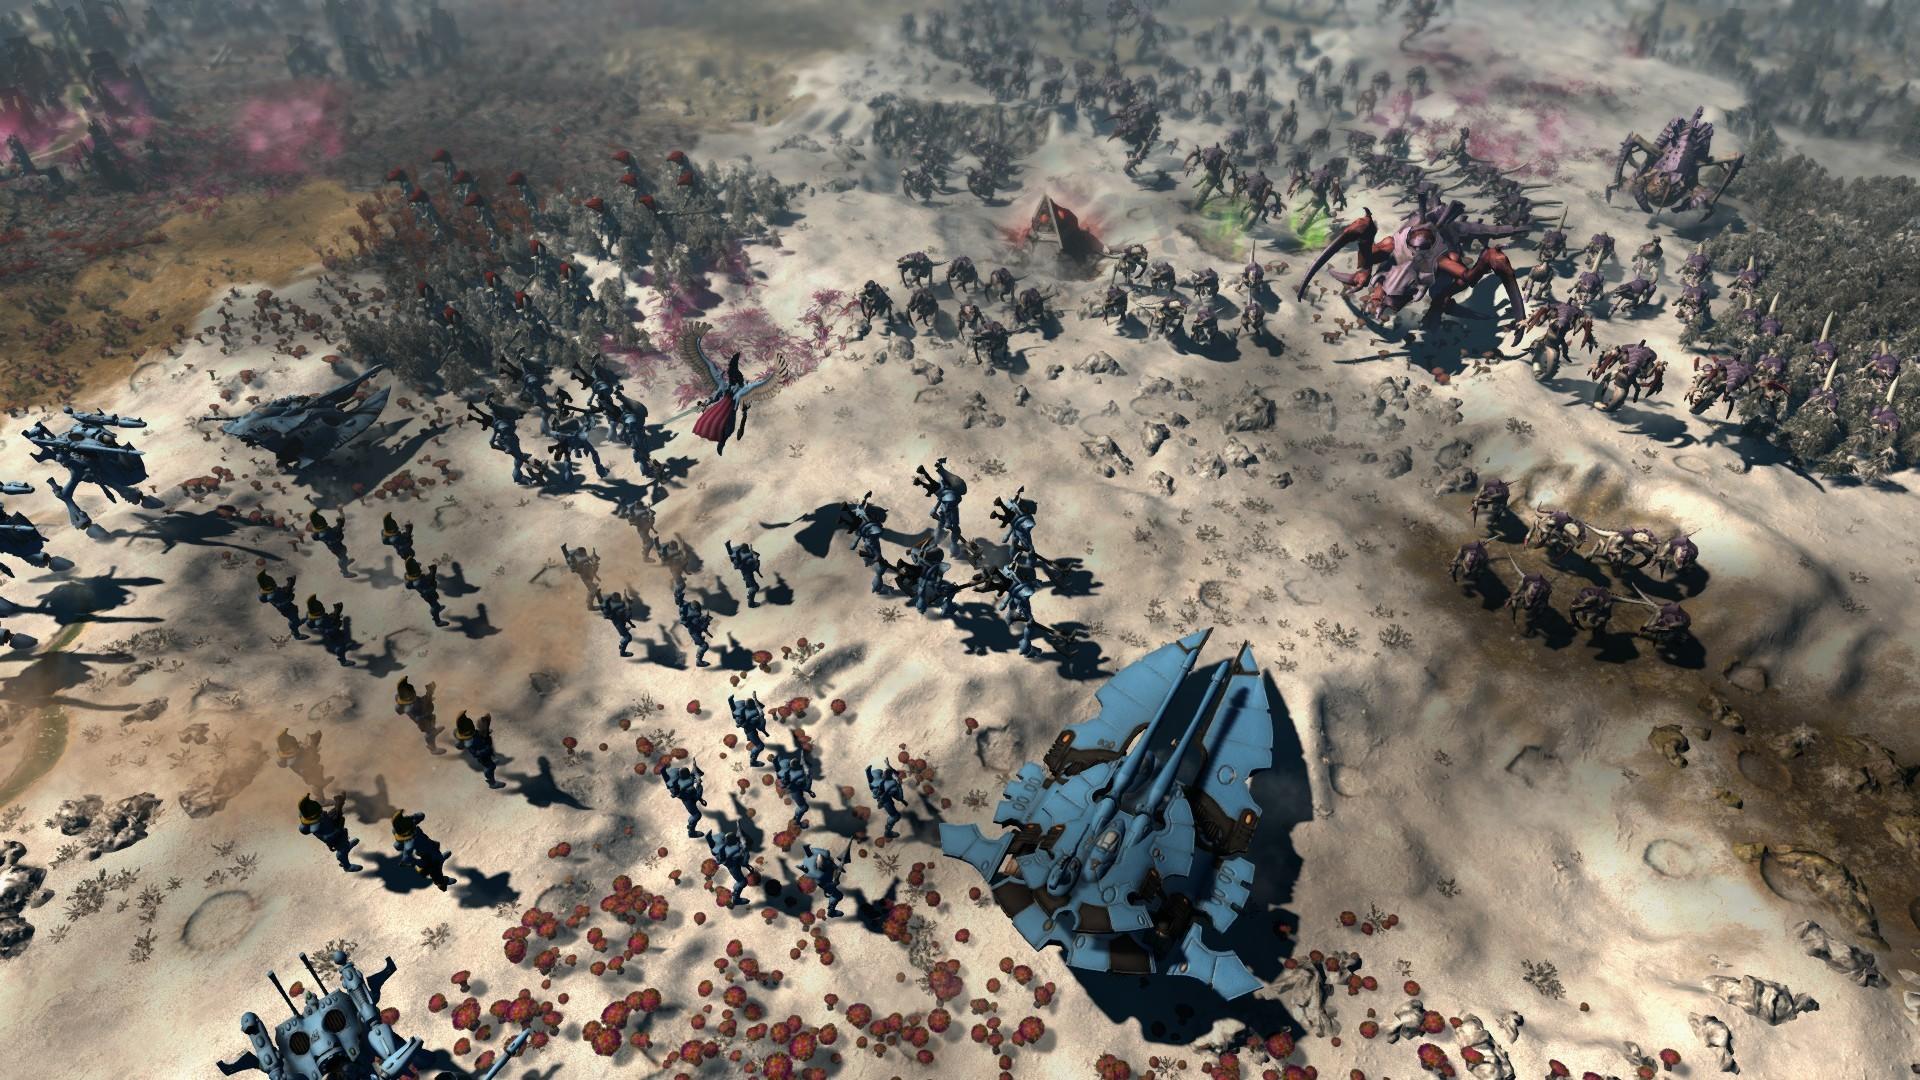 《战锤40k:格雷迪厄斯遗迹之战》新DLC将于下周上线